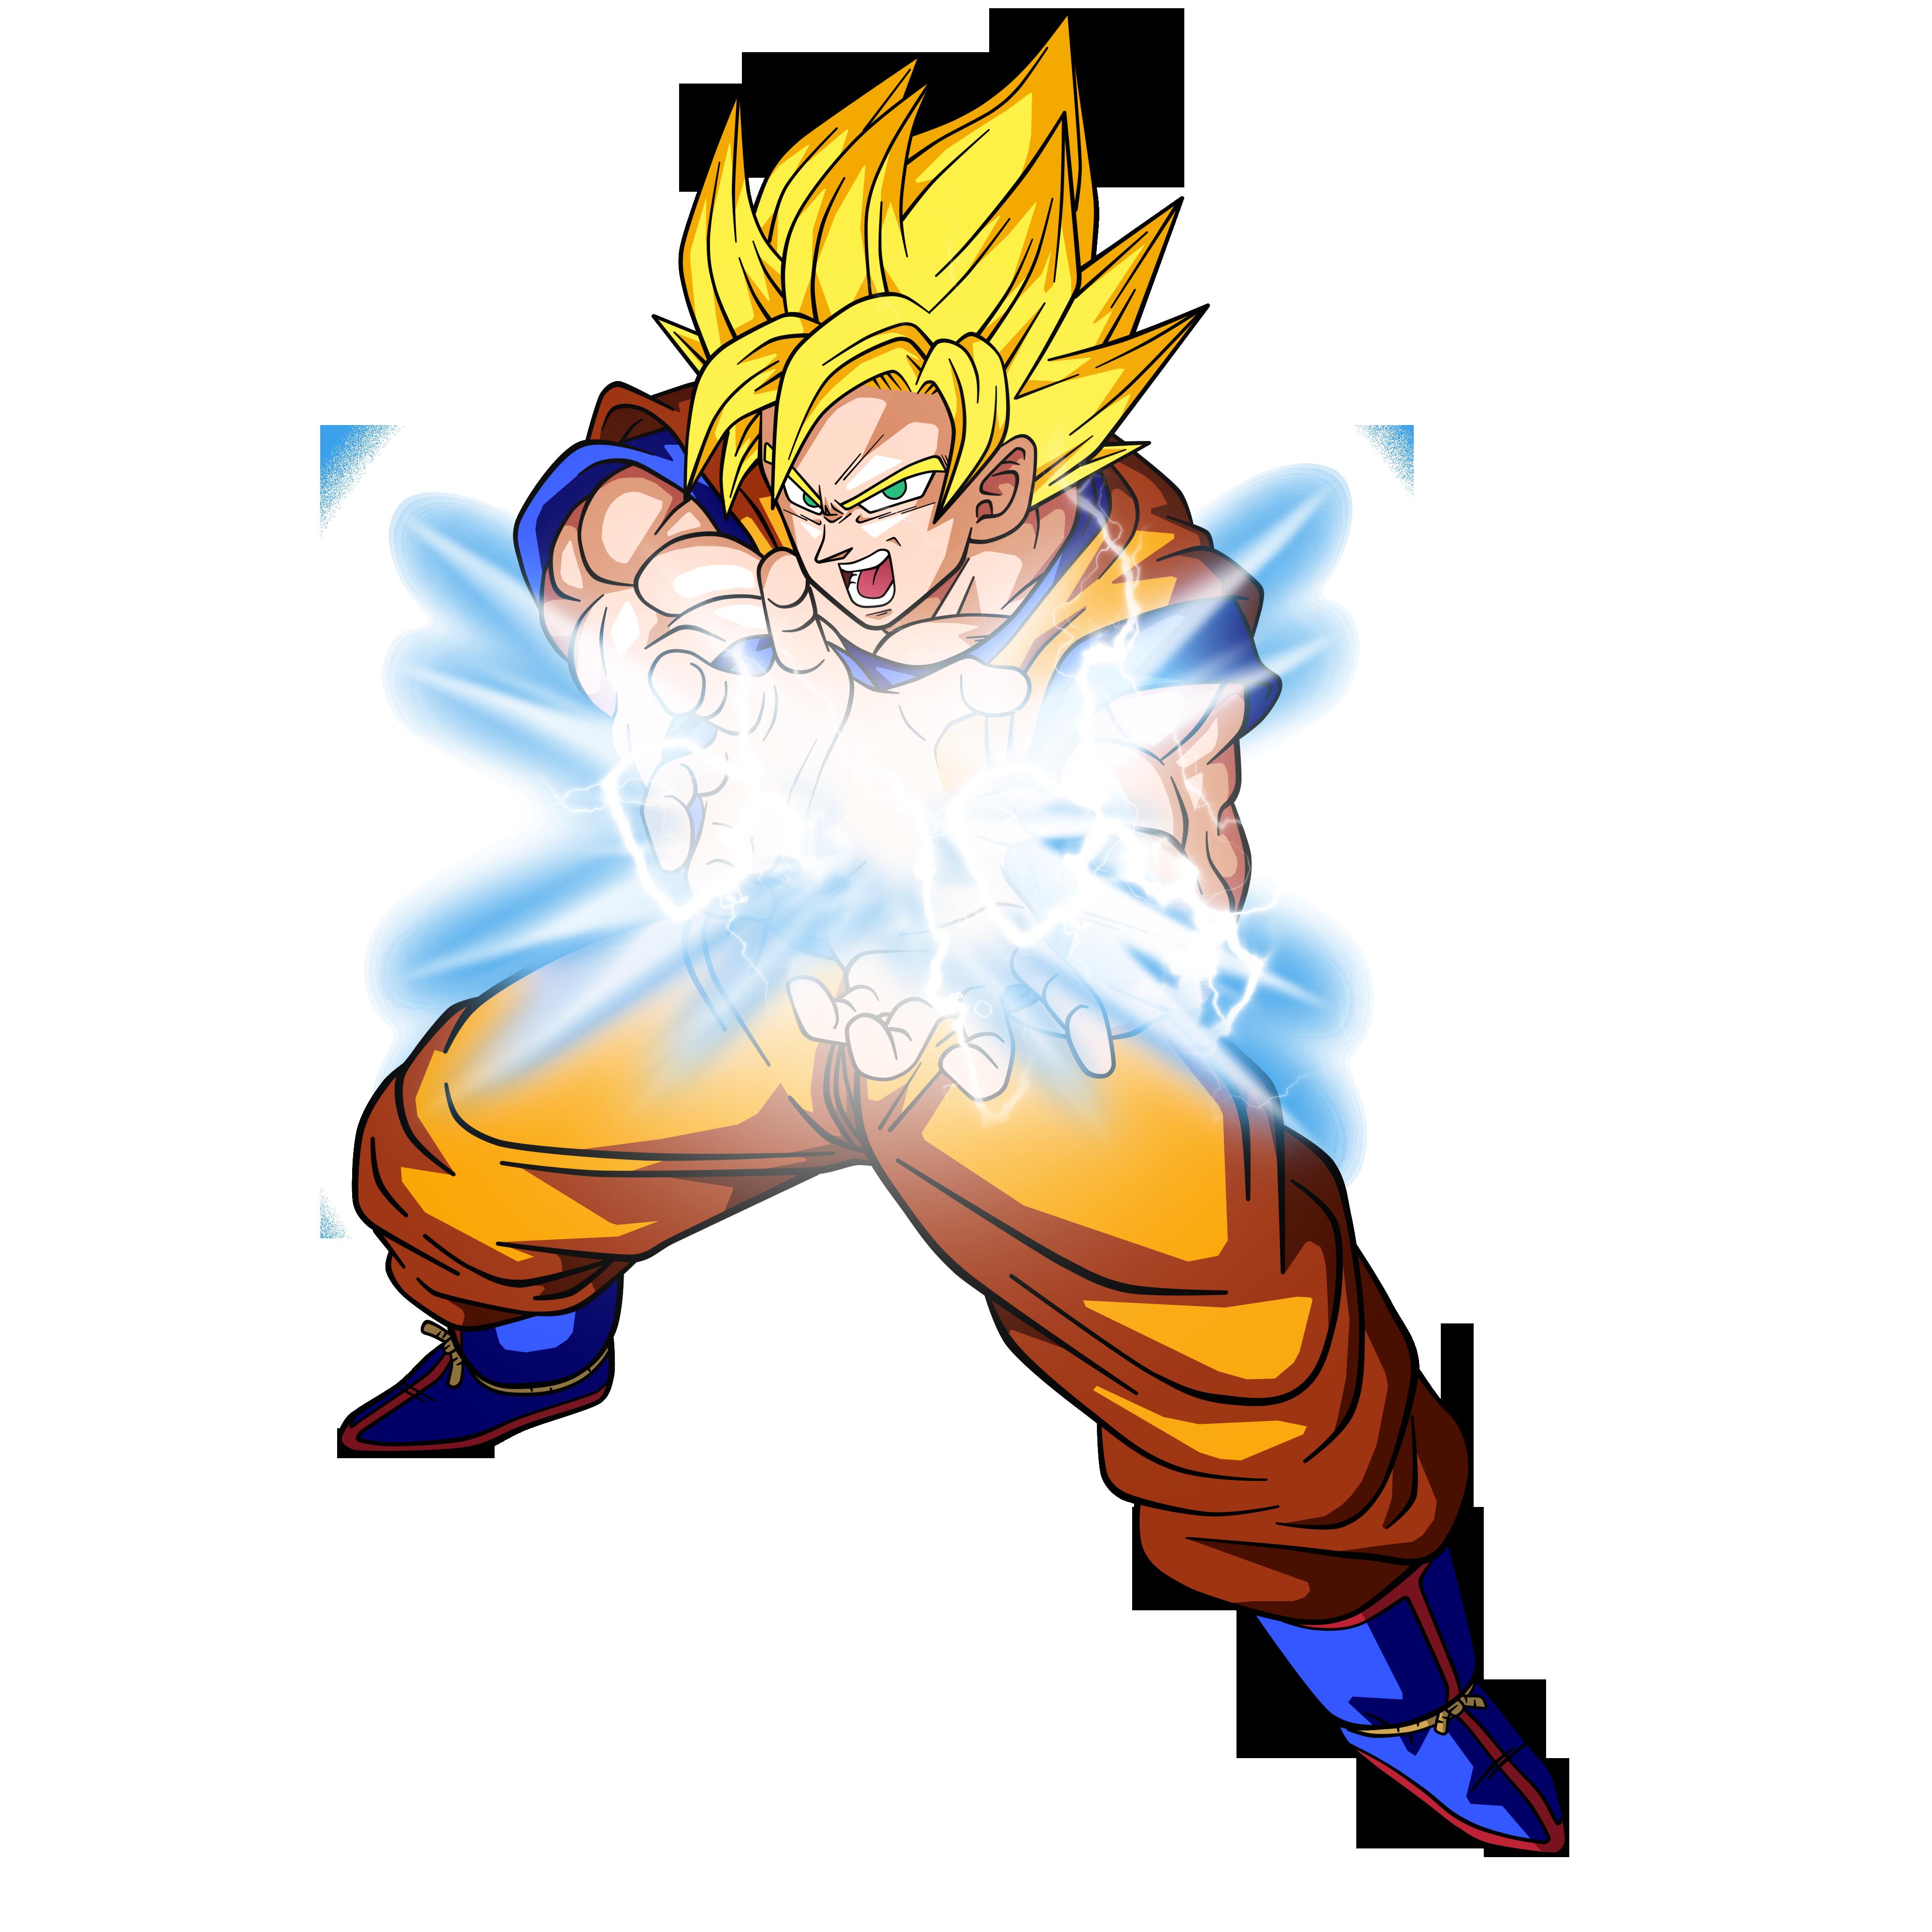 4000x4000 Goku Super Guerreroda Vital By Bardocksonic